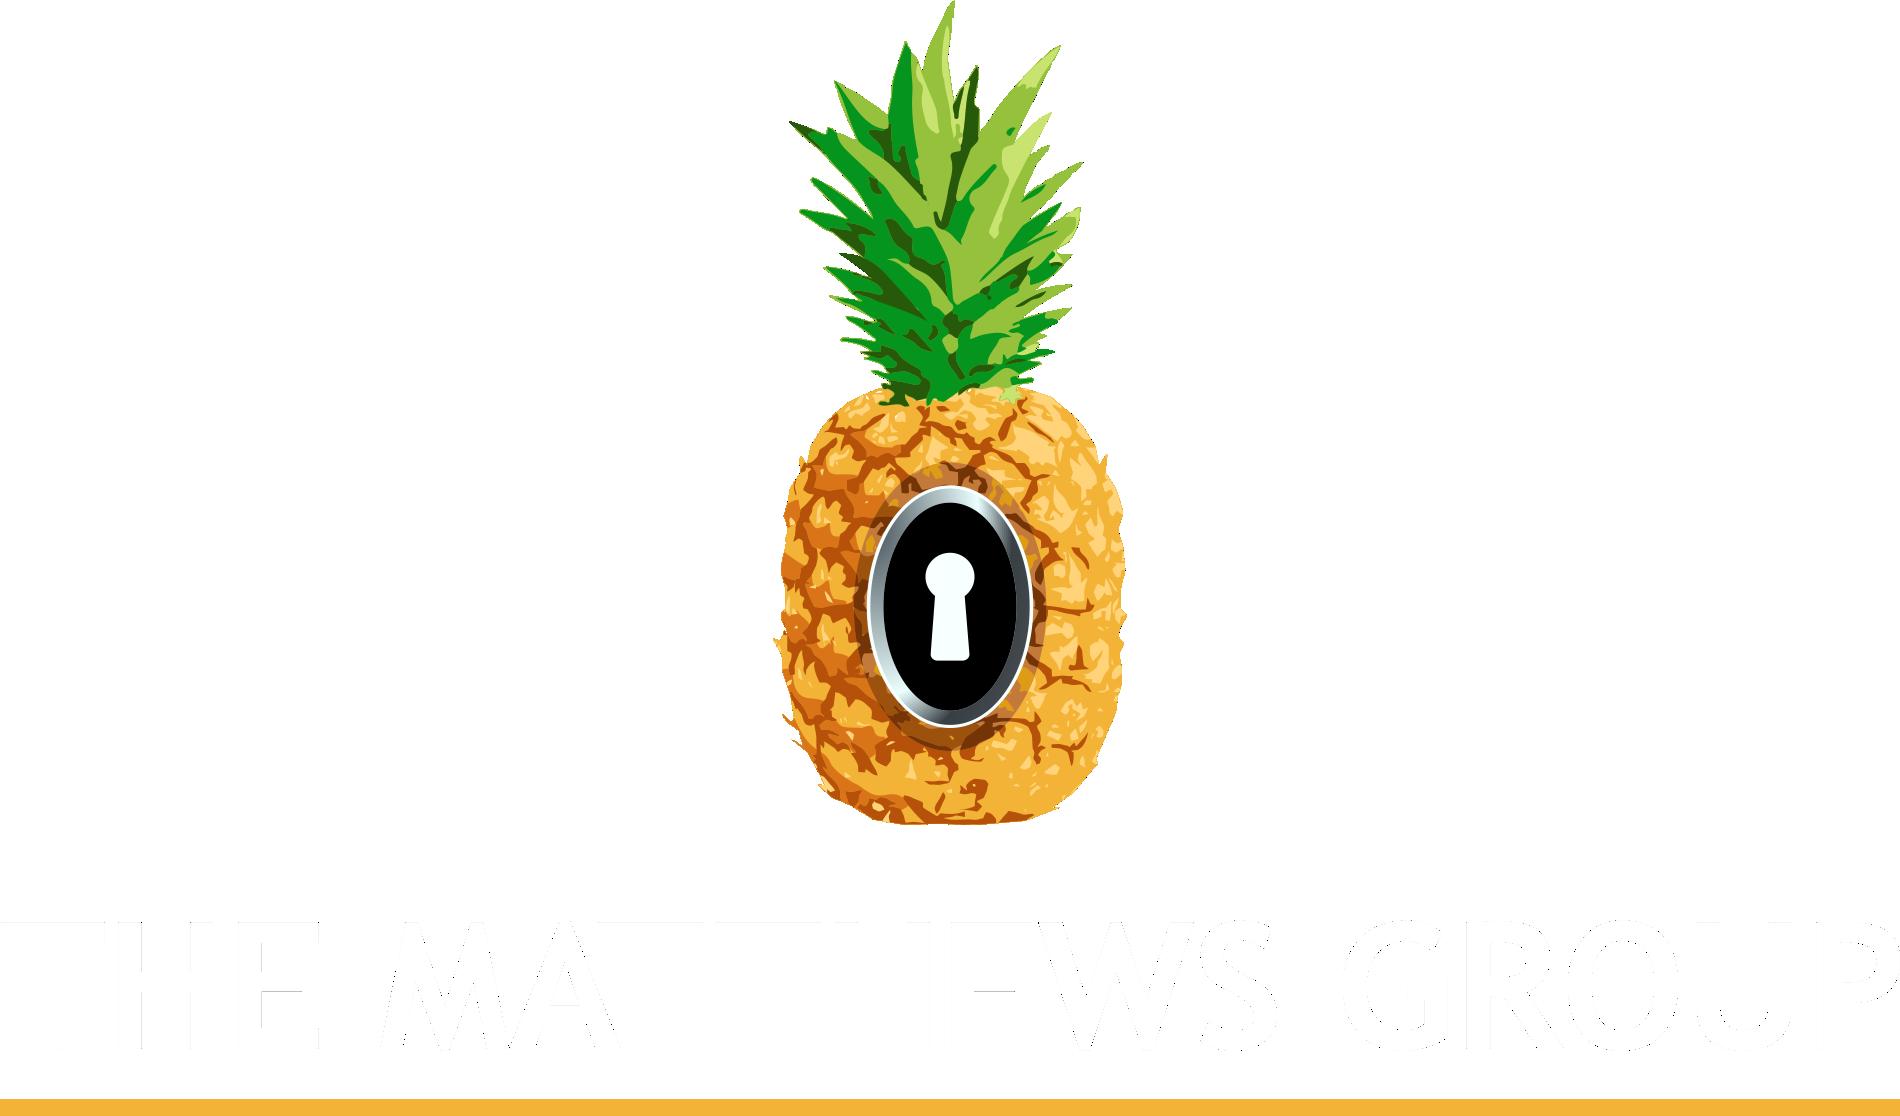 Logo tweak - Part 2